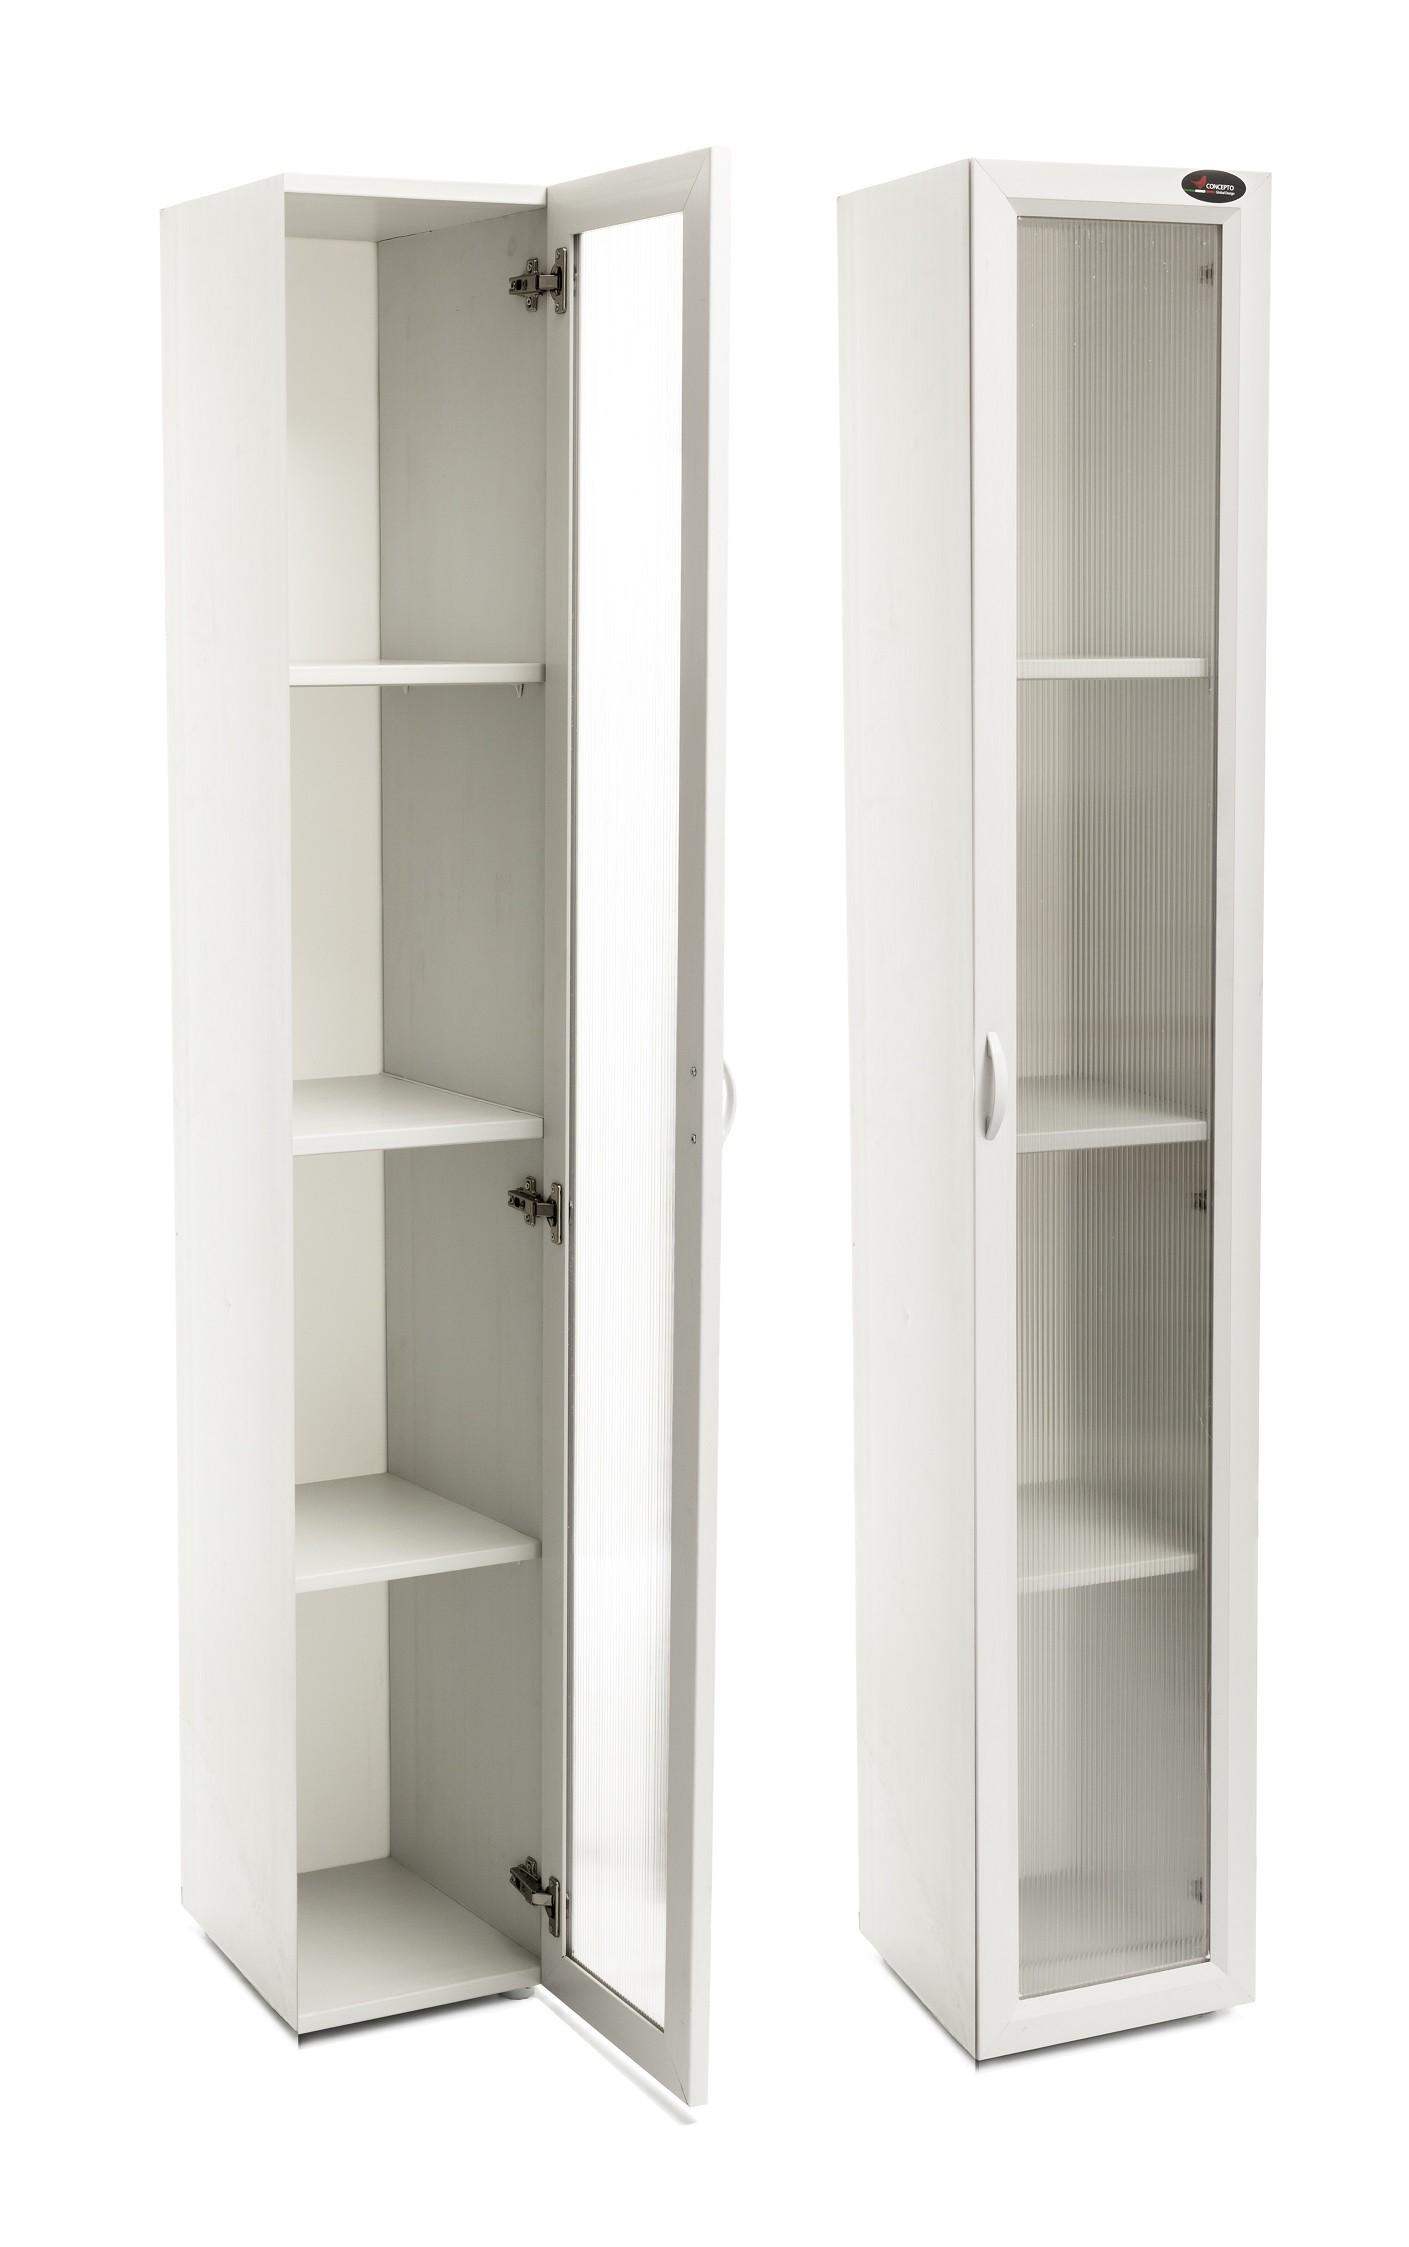 מגניב סטוק גארדן - השילוב המושלם לבית ולגן | ארון דלת שקופה ''טיפיקו WP-42